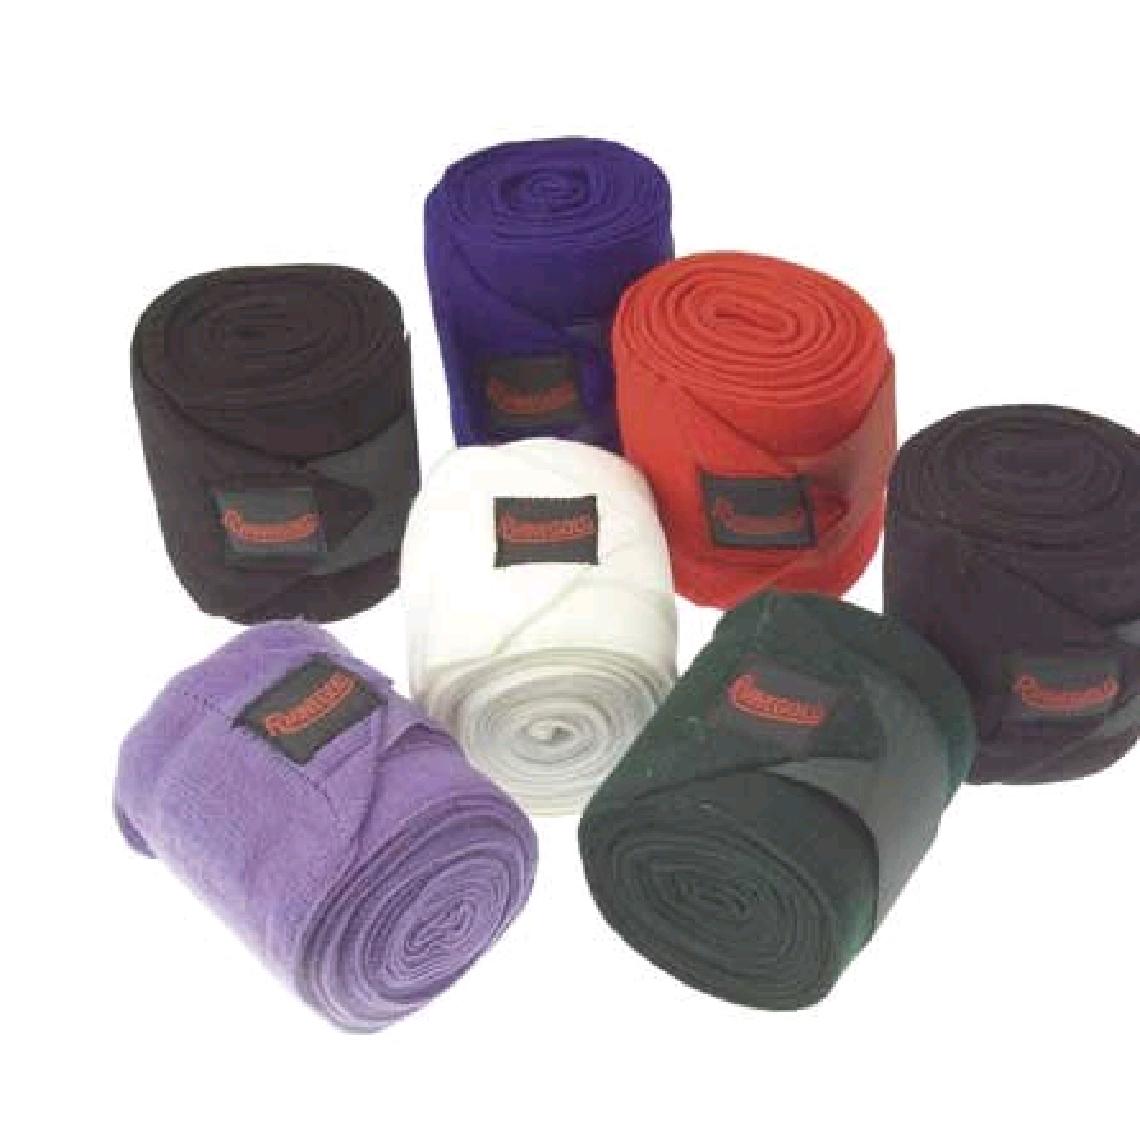 Rhinegold Bandages (Pack Of 4)